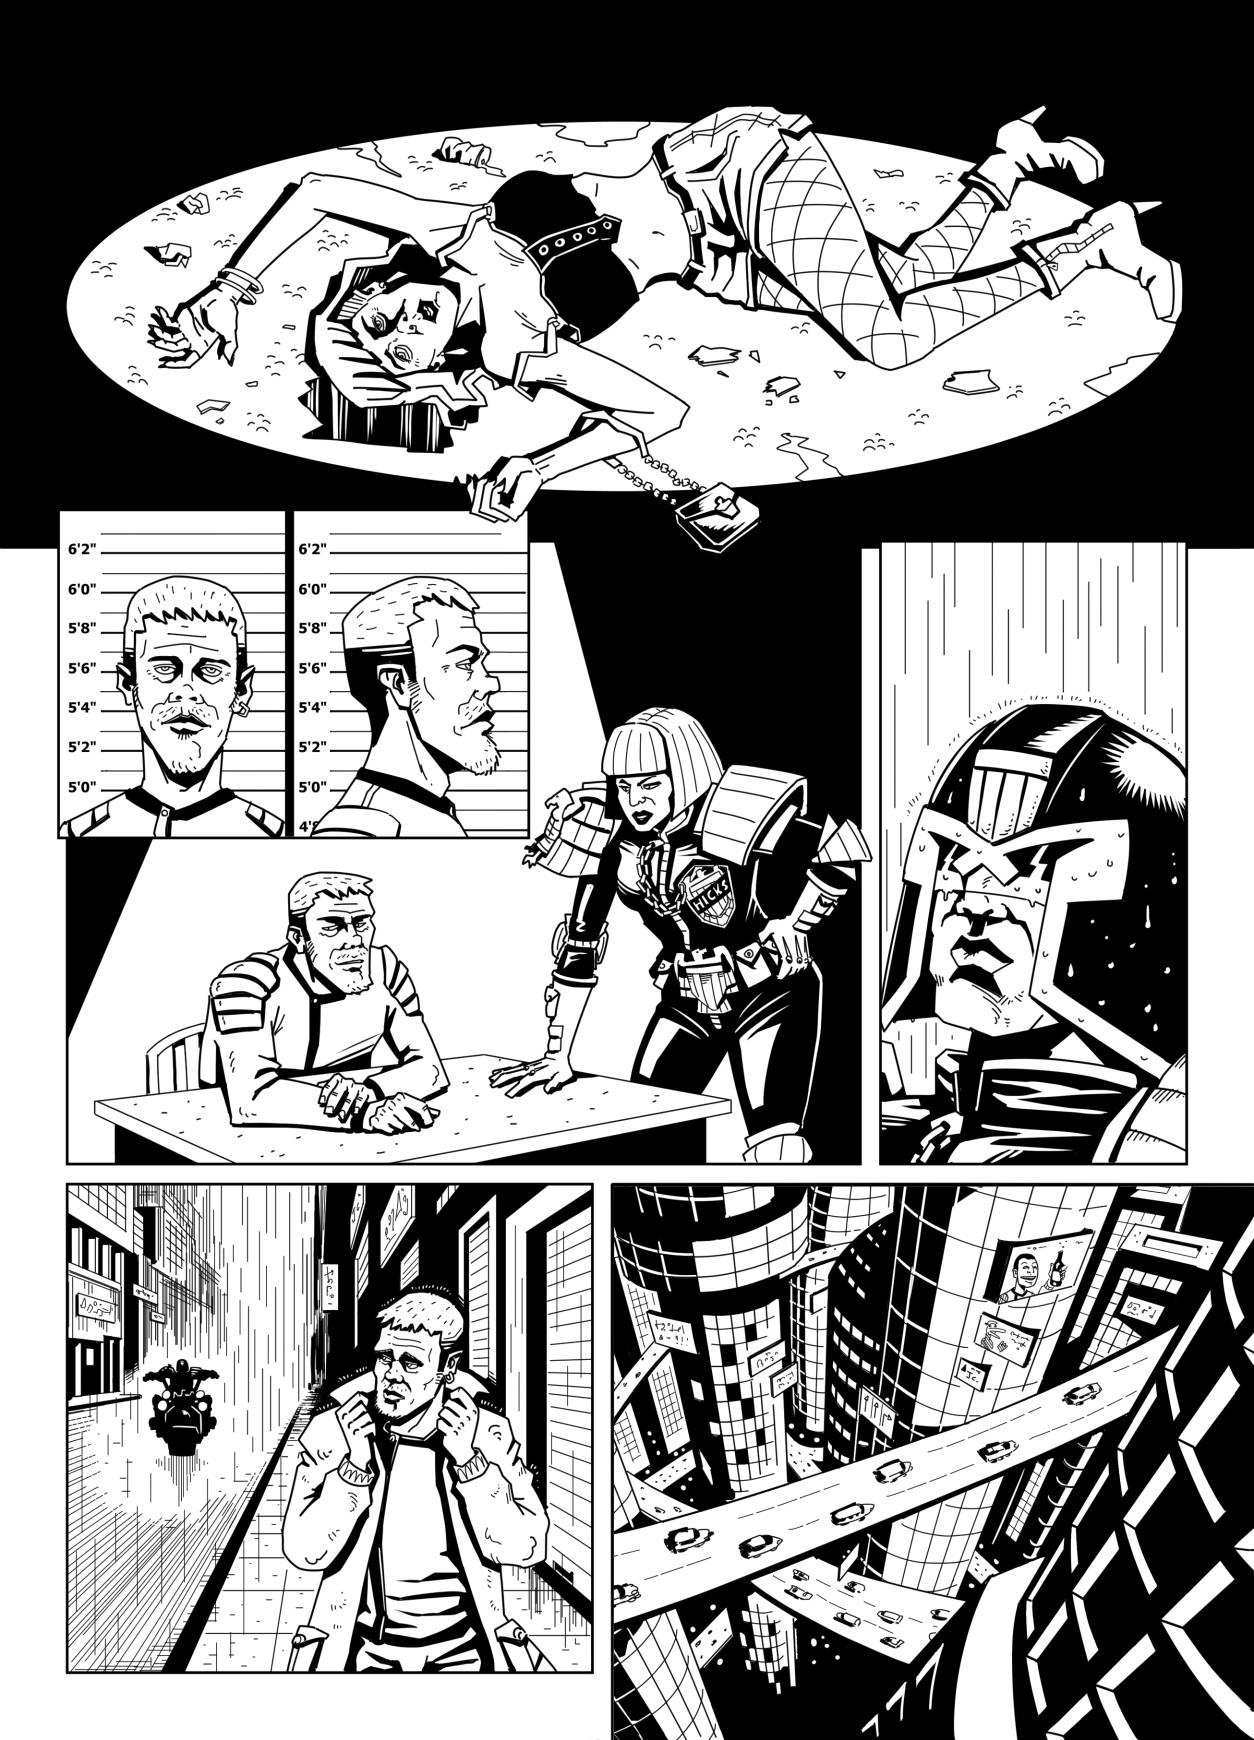 John ciarfuglia a4 page 4 no lett